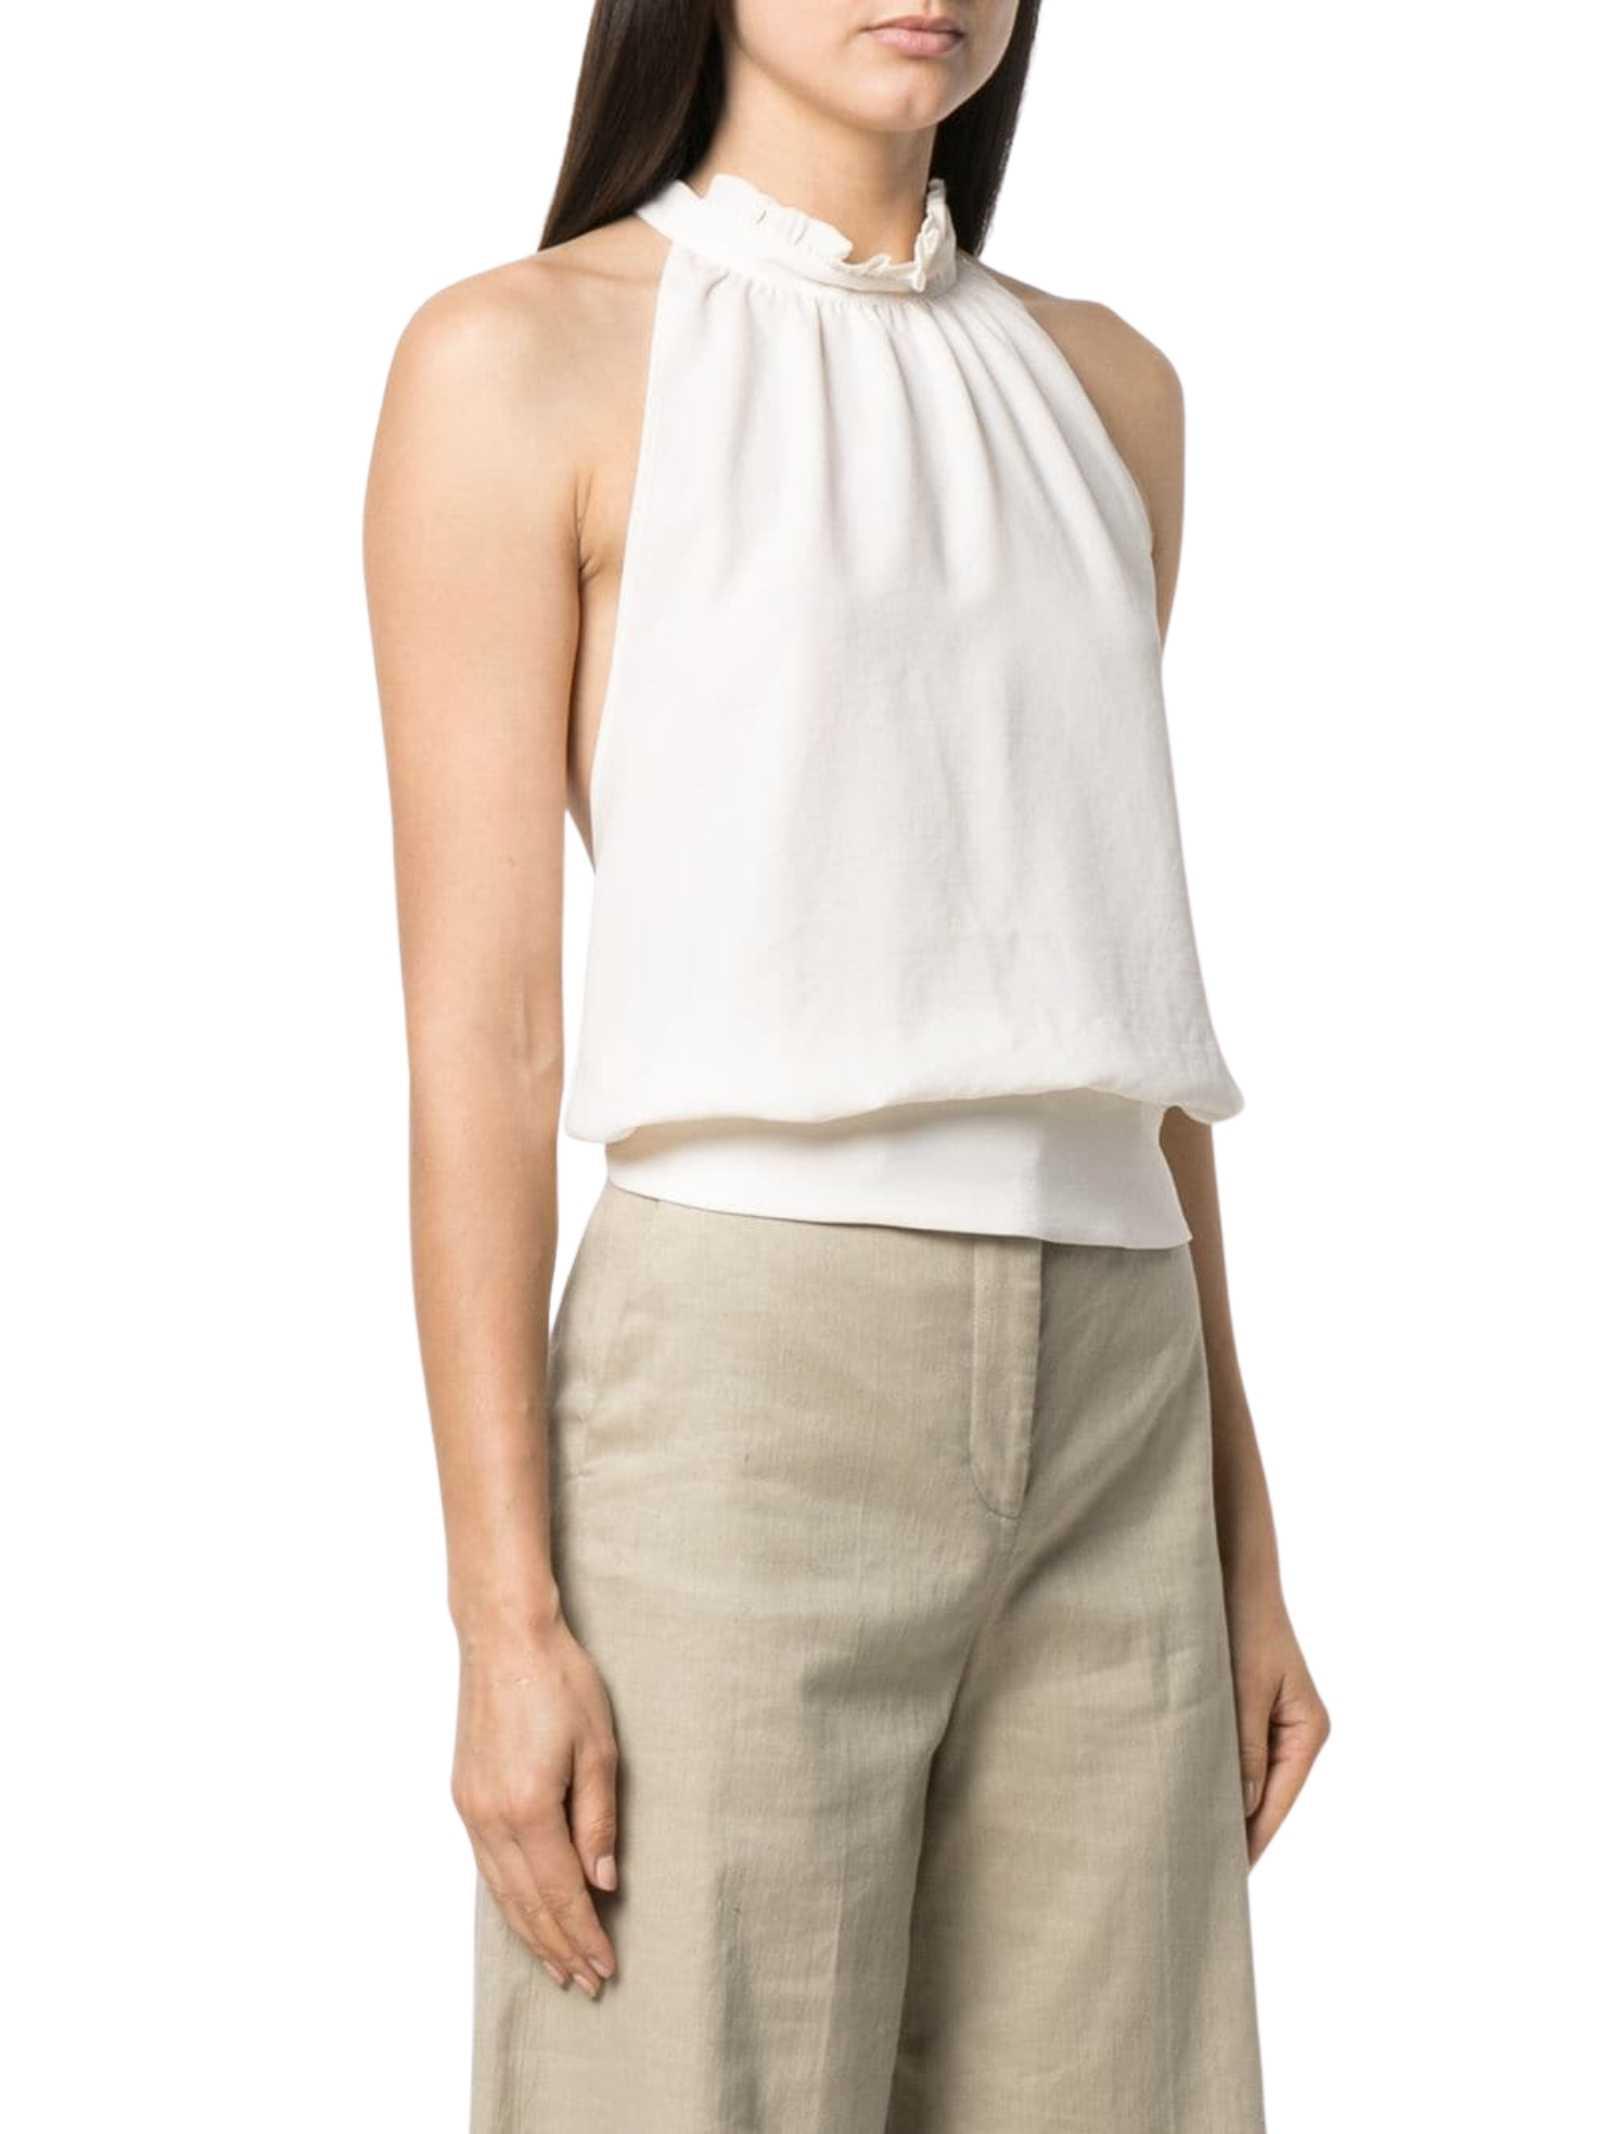 Pinko basic handkerchief top PINKO | Top | 1G1606-8270C03